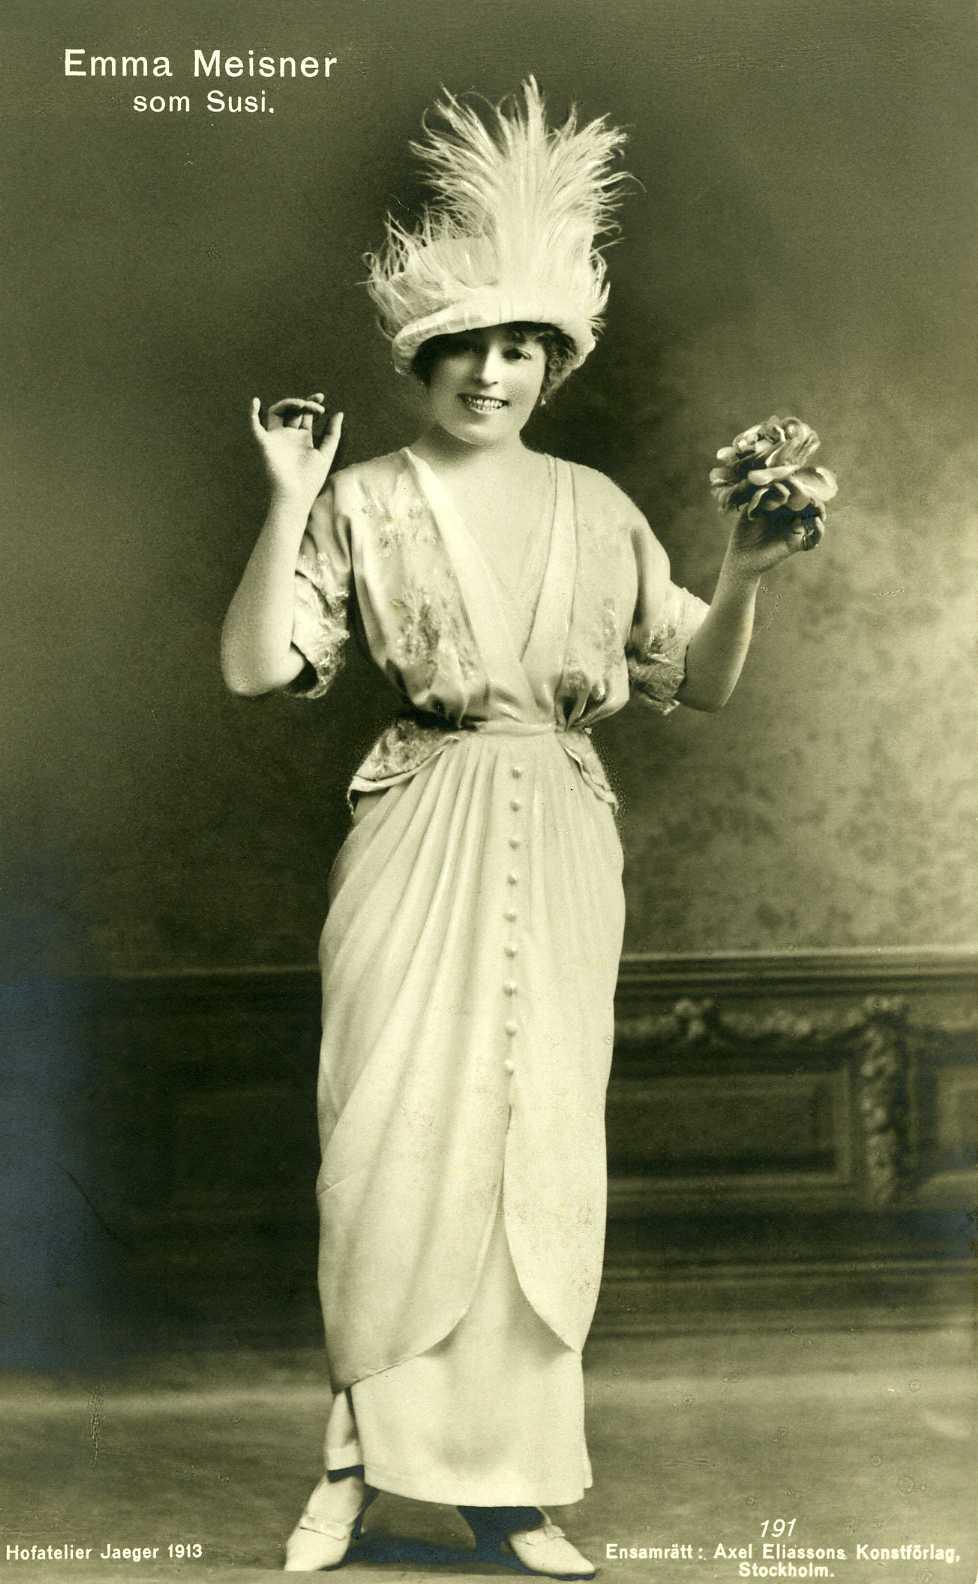 Emma Meissner